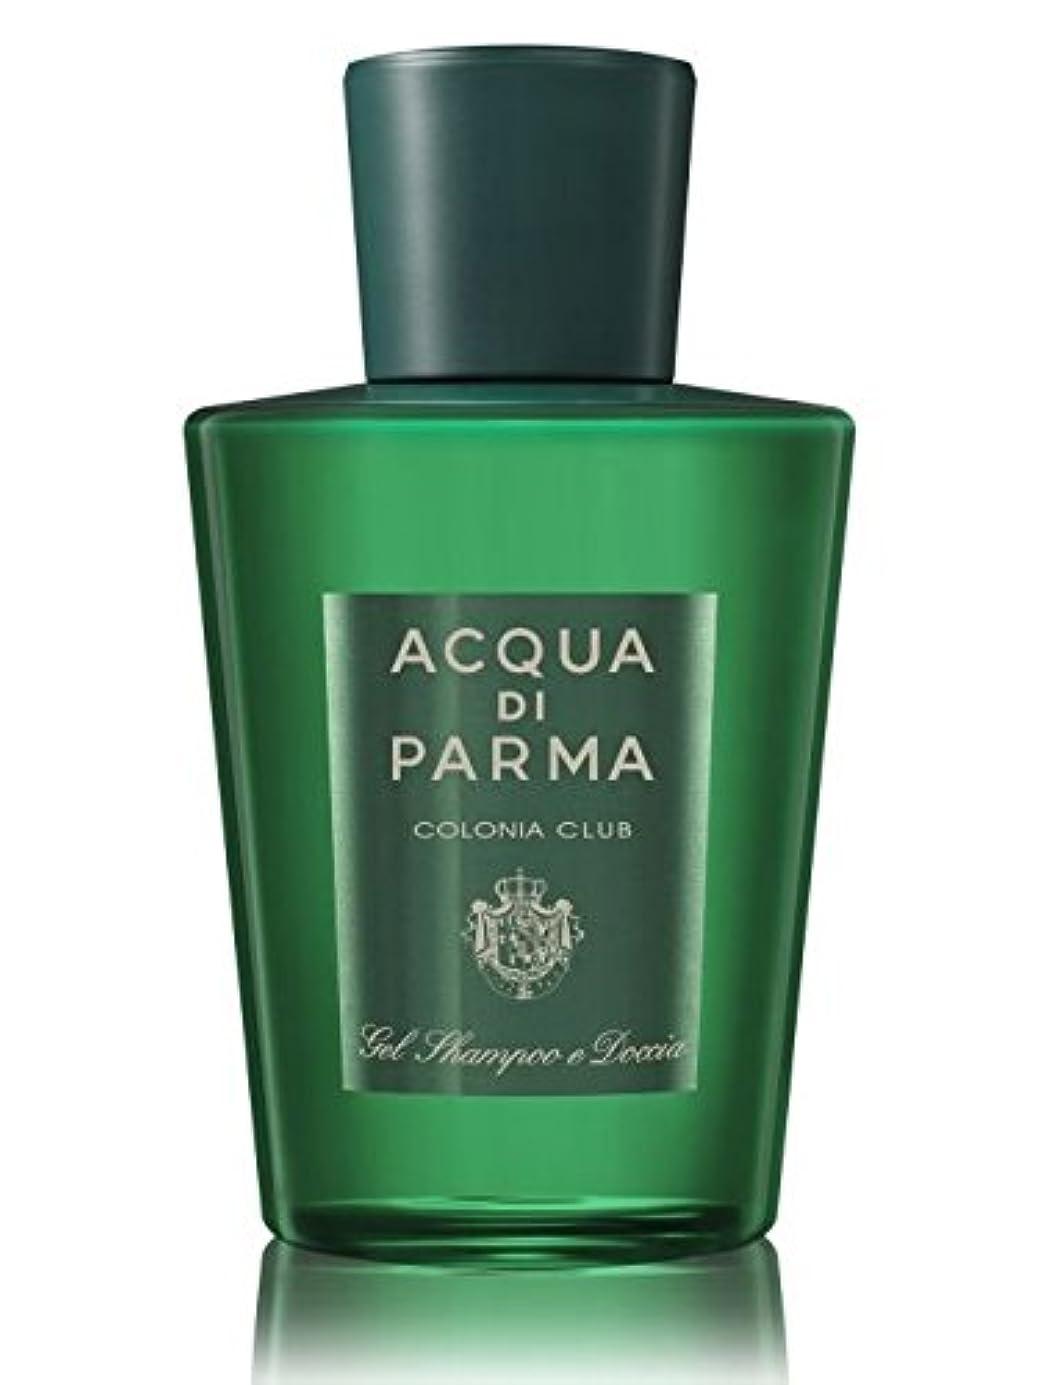 薄める影響勝者Acqua di Parma Colonia Club (アクア ディ パルマ コロニア クラブ) 6.7 oz (200ml) Hair & Shower Gel